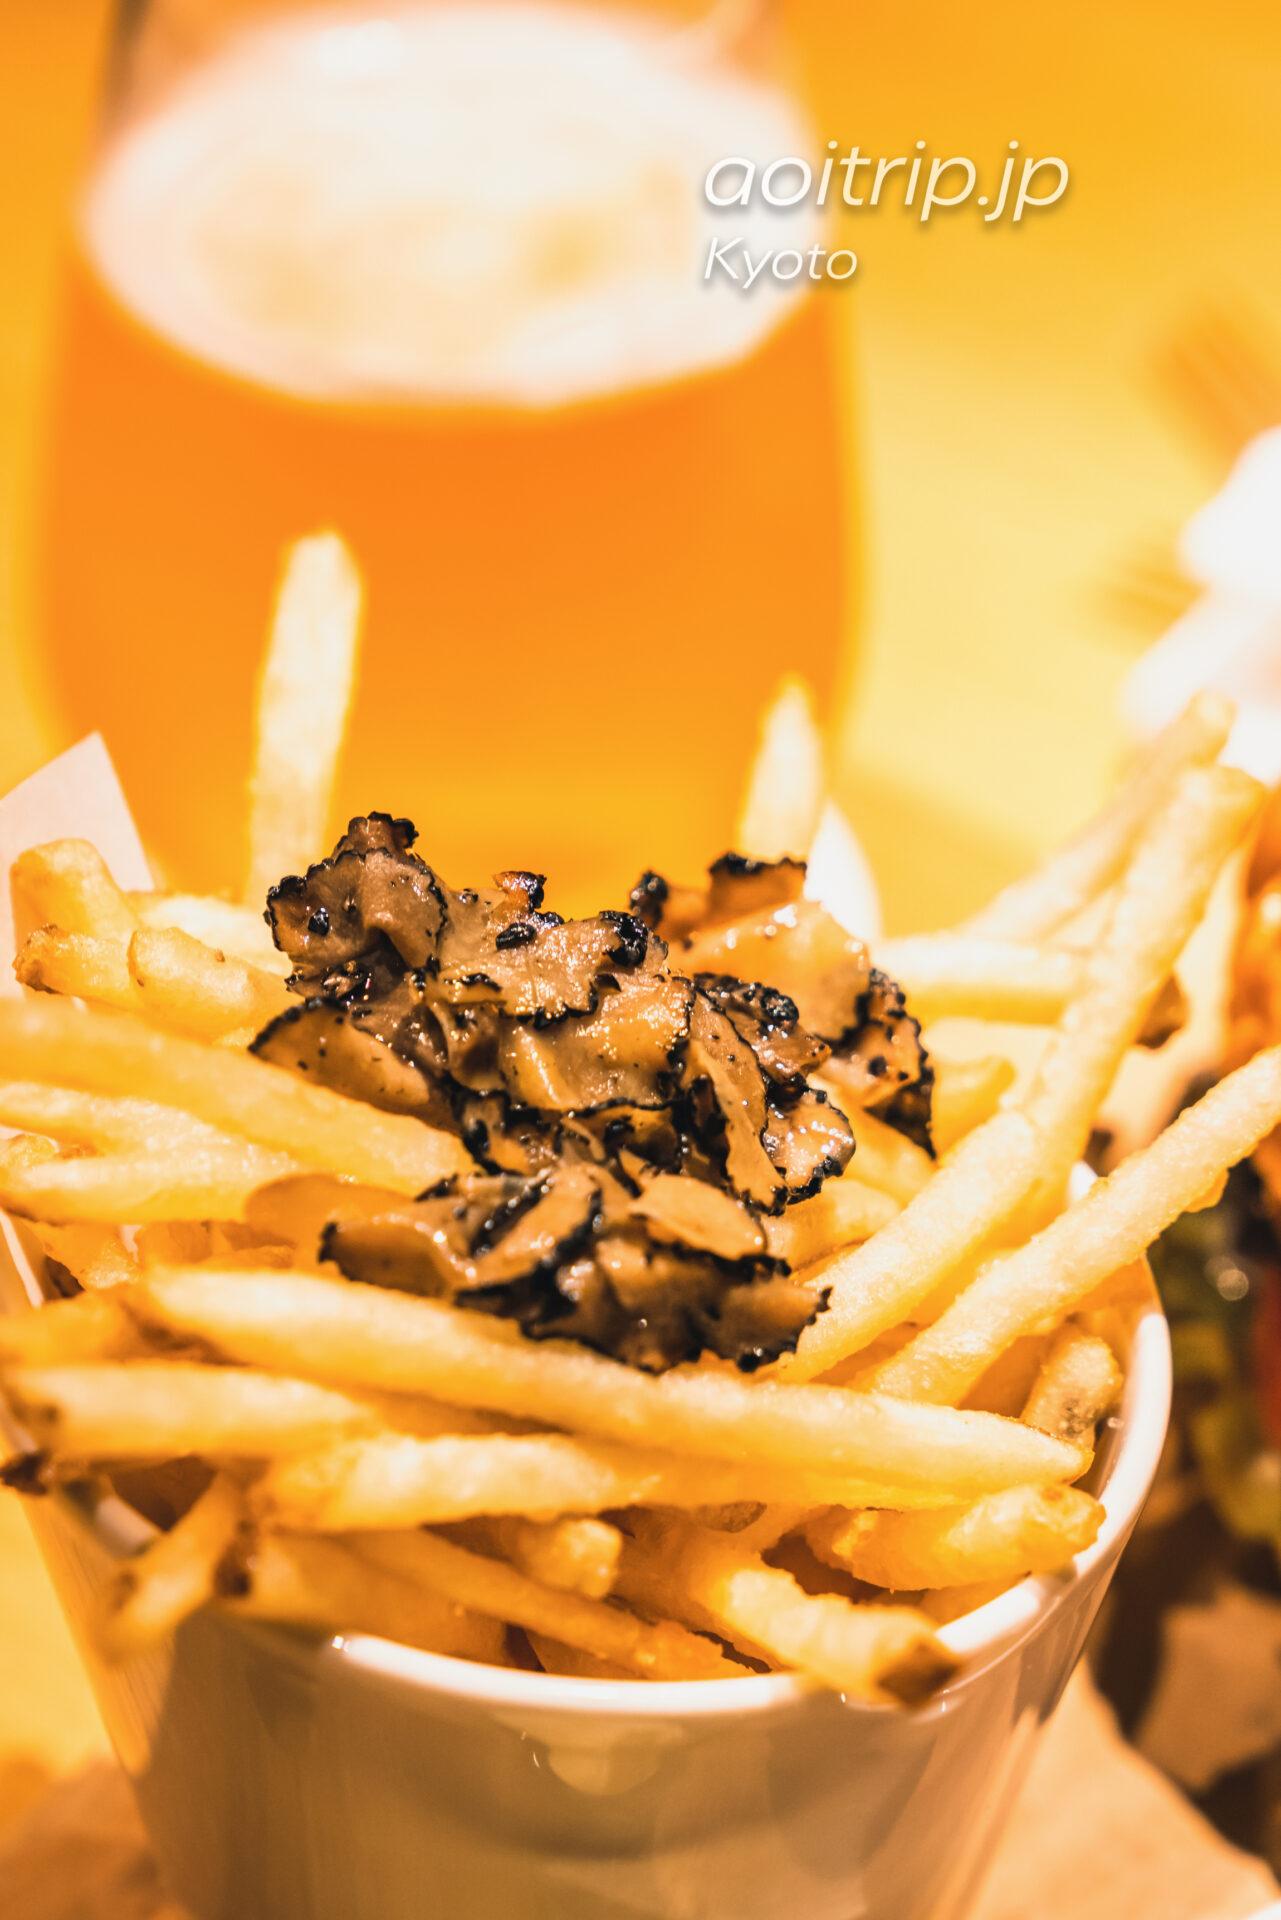 ザ リッツカールトン京都のインルームダイニンング シェフのおすすめ 黒毛和牛ビーフバーガーの付け合わせ黒トリュフフライドポテト